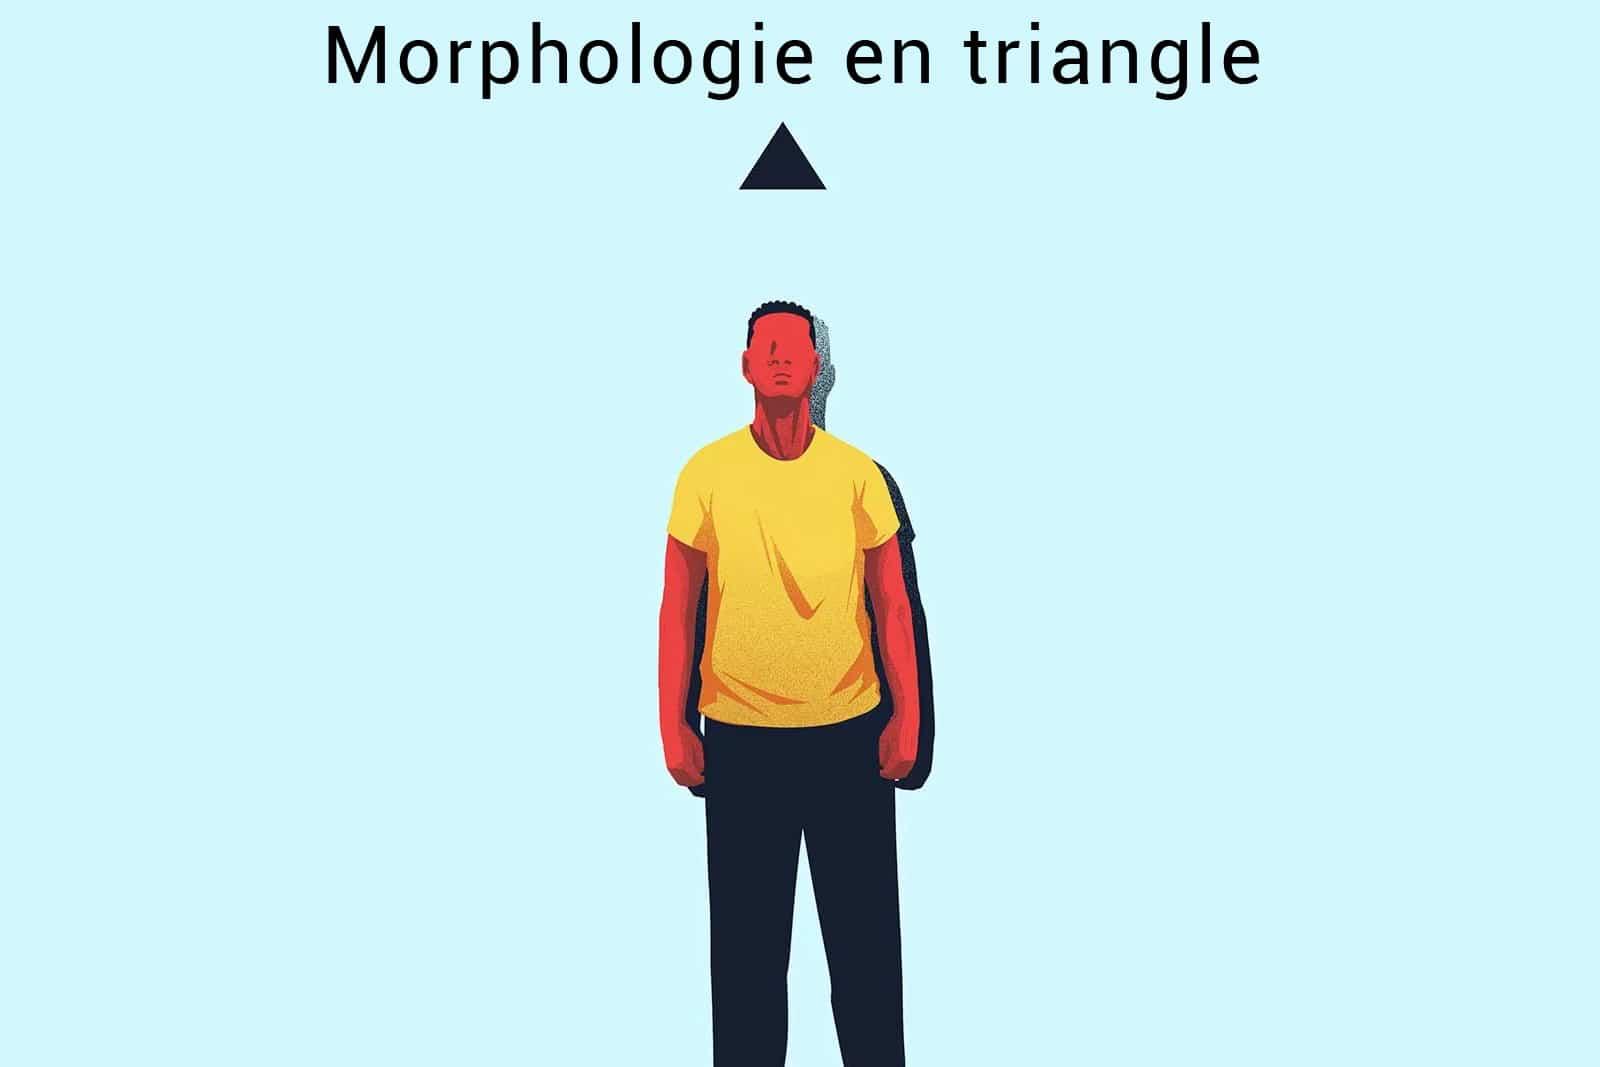 morphologie en triangle homme